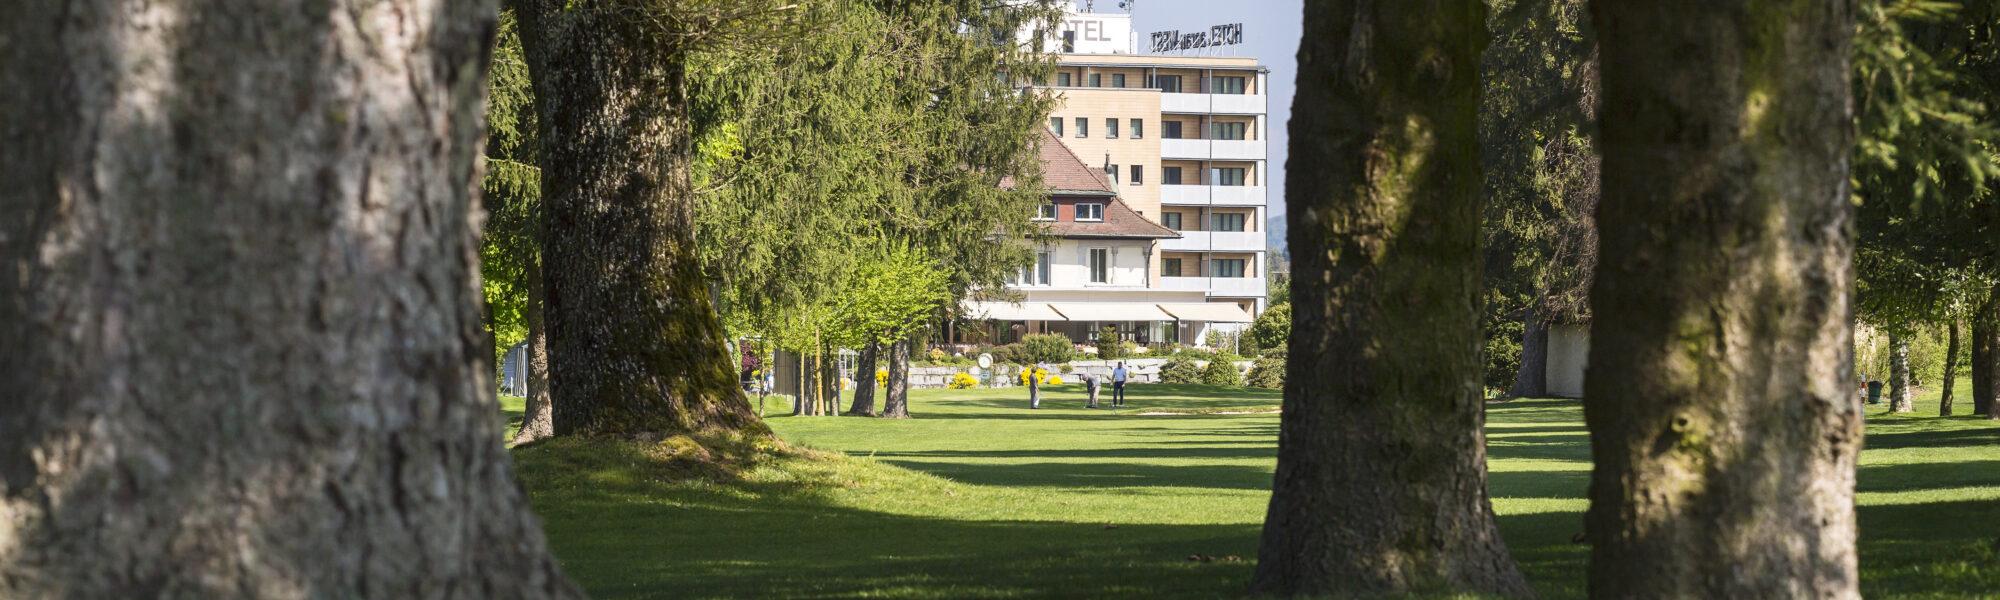 Hotel Aarau West